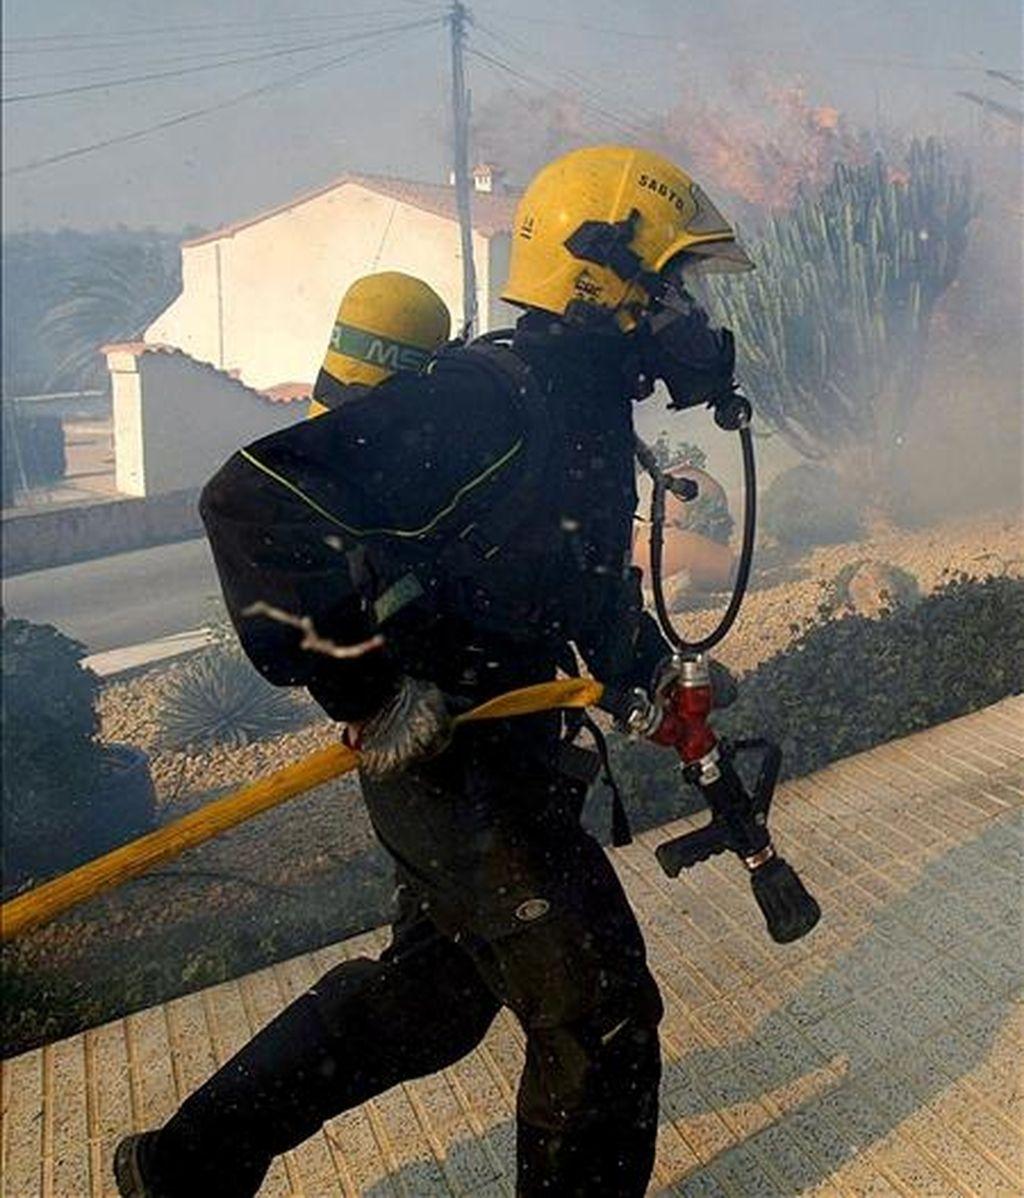 Un bombero trabaja en el incendio que se declaró el pasado 24 de enero en el municipio de La Nucia (Alicante). EFE/Archivo